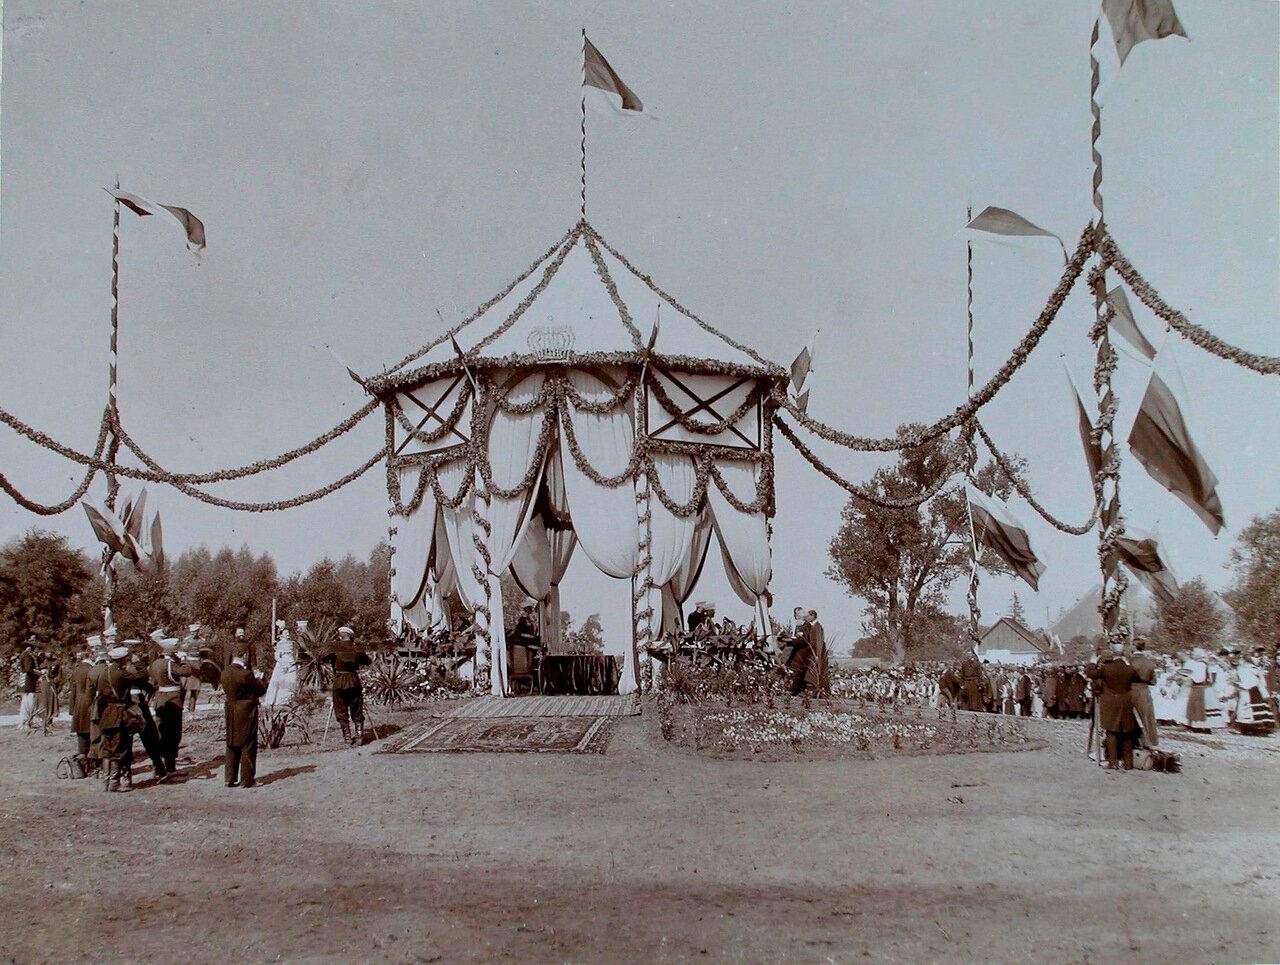 11. Император Николай II в беседке принимает депутации от крестьян у форта № 8